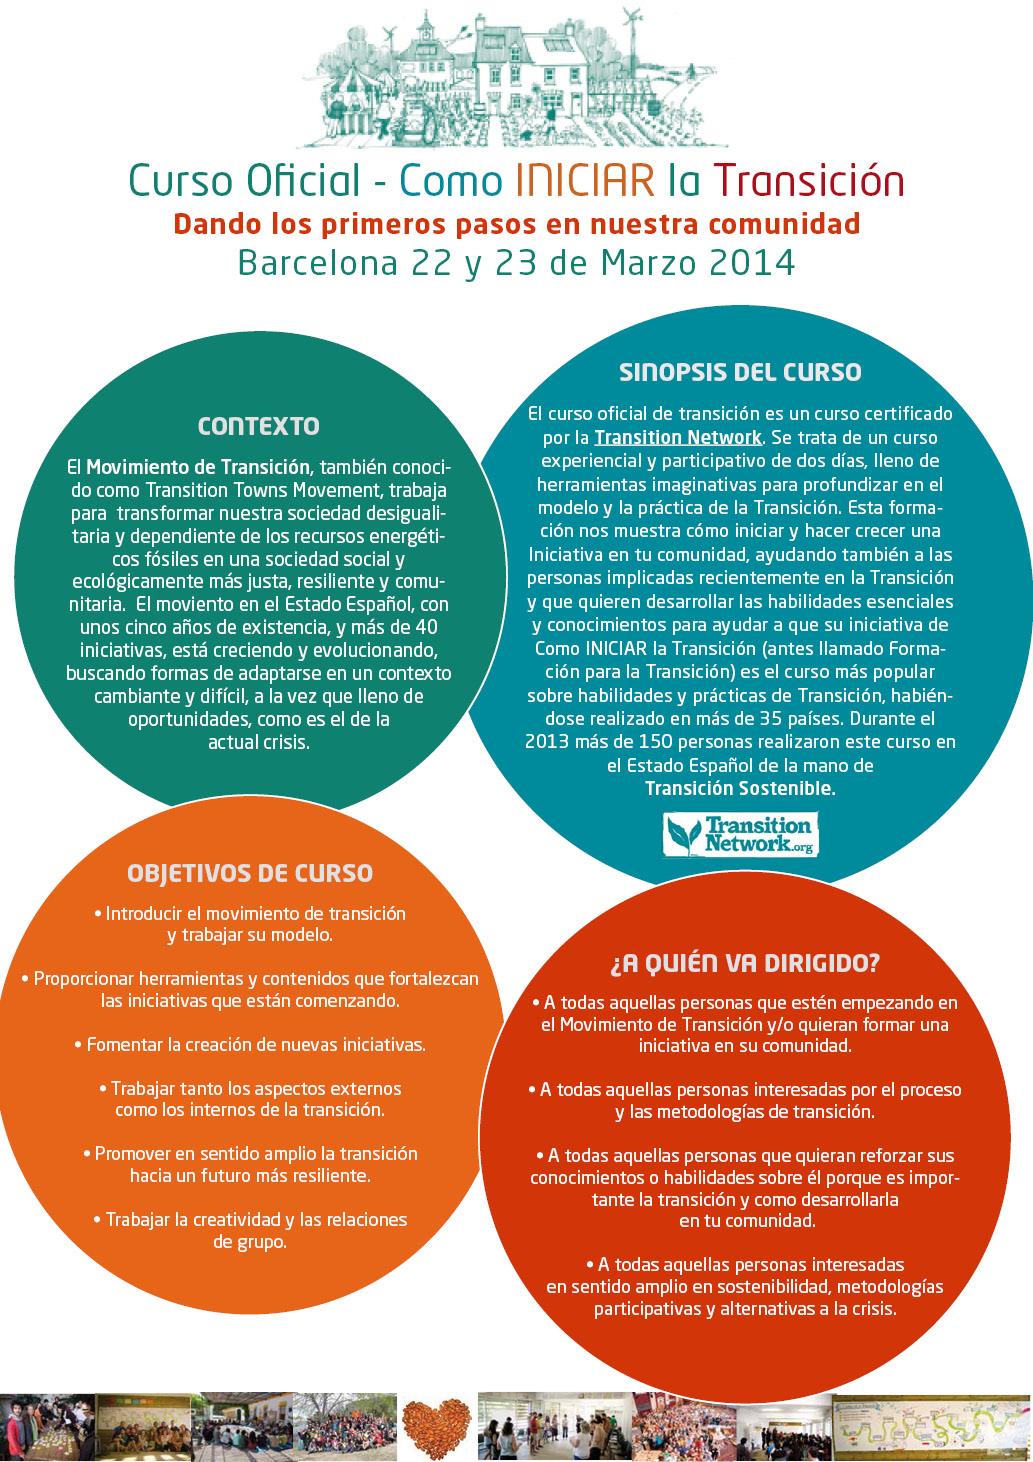 Curso oficial de Transición_Marzo2014_Barcelona-01